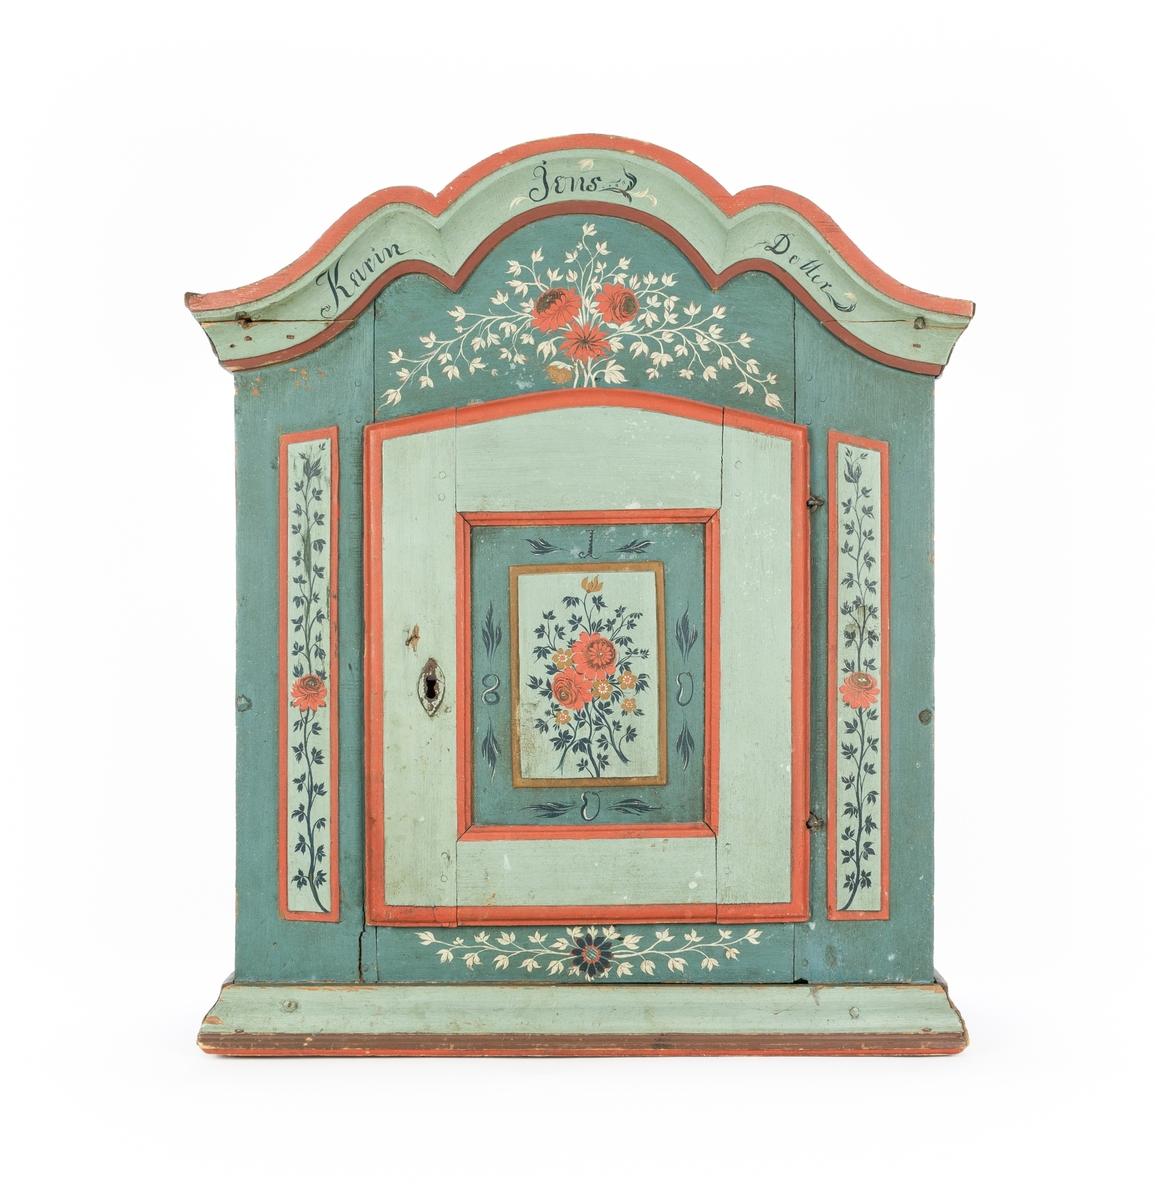 Hängskåp, med en dörr. Svängt överstycke. Målat i blå-grön färg med blomdekor i rött, vitt och brunt.